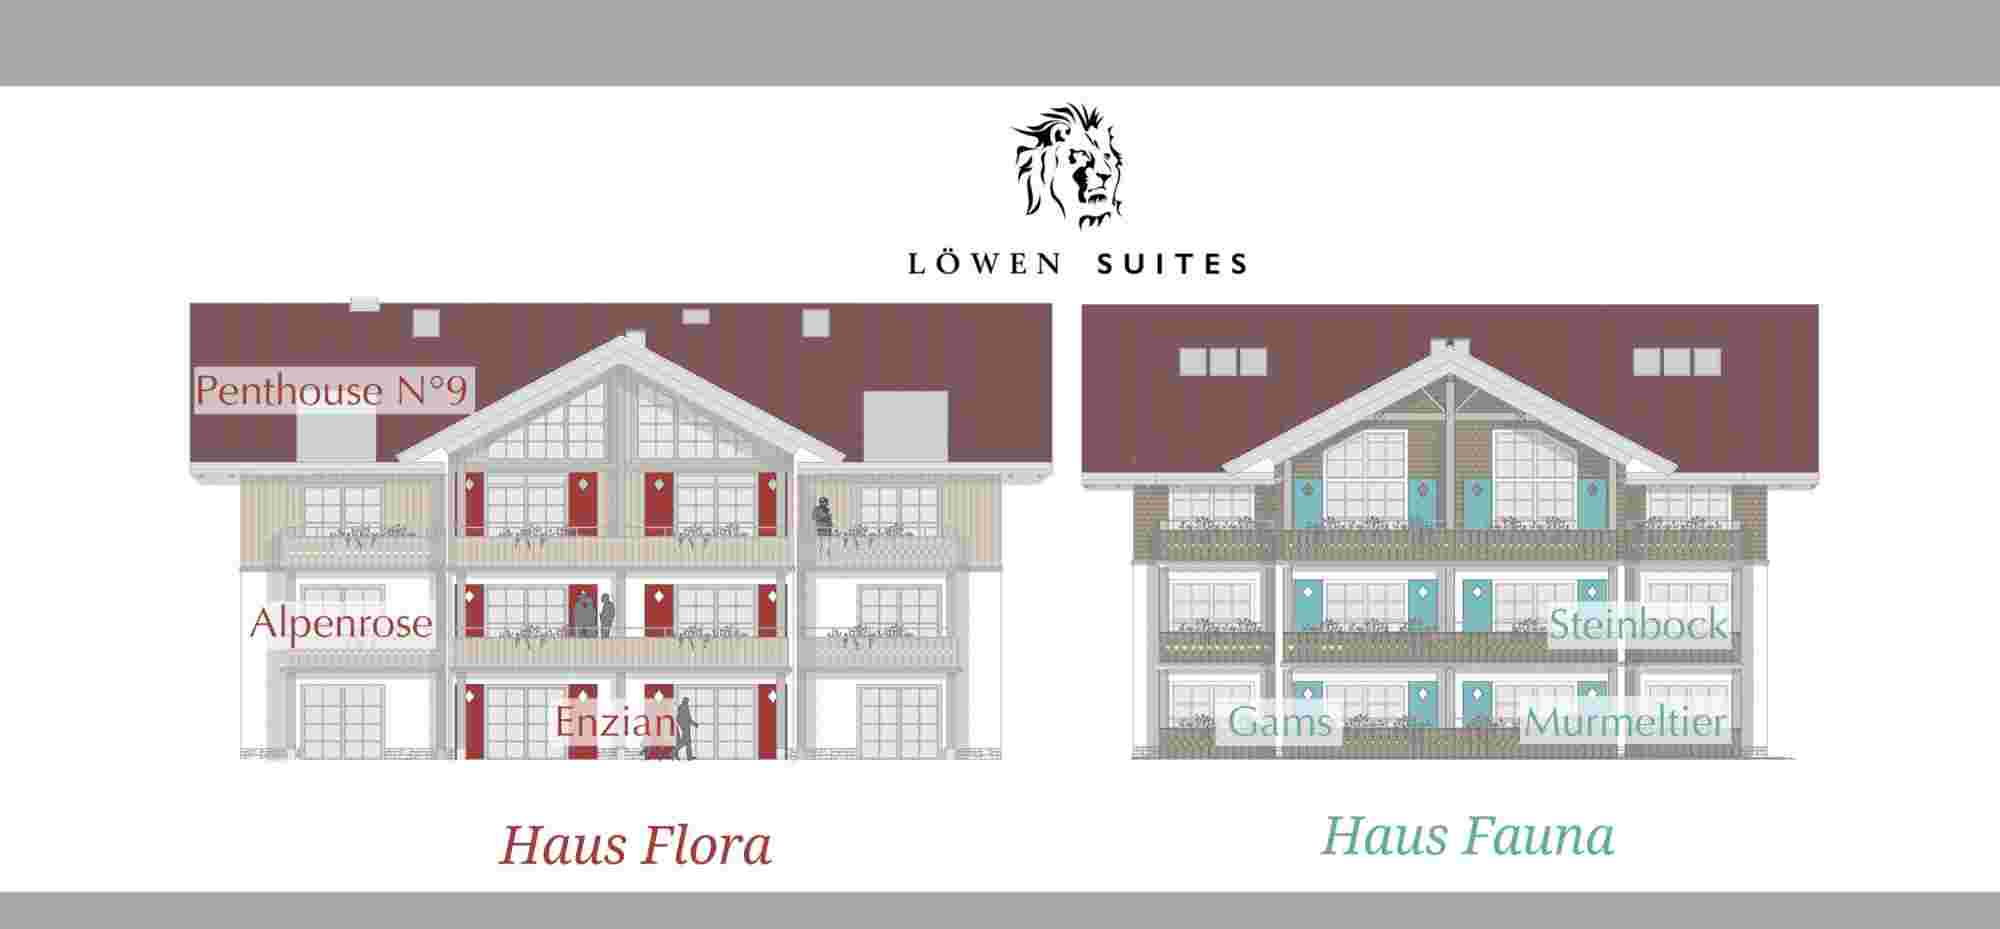 Ferienwohnungen im Bayerischen Hof, Haus Flora und Haus Fauna